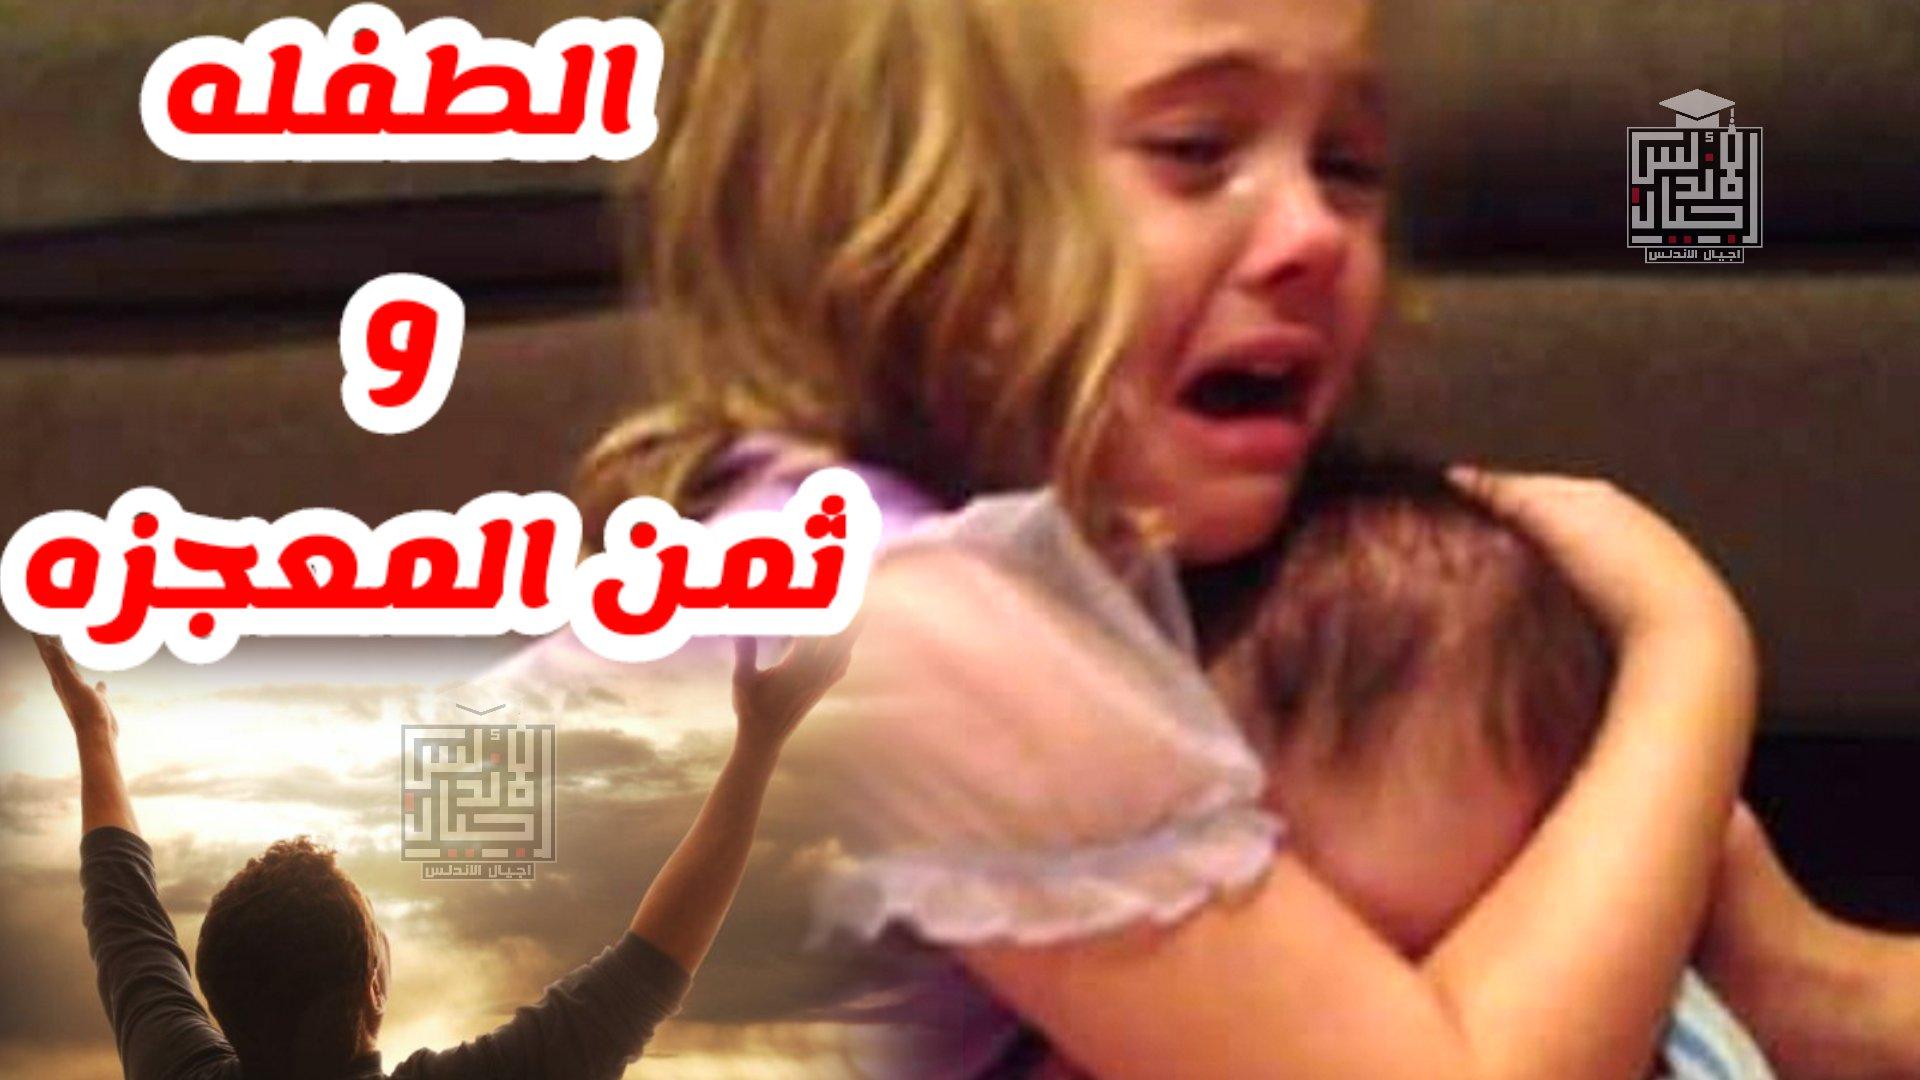 قصة الطفلة وثمن المعجزه | قصه وعبره